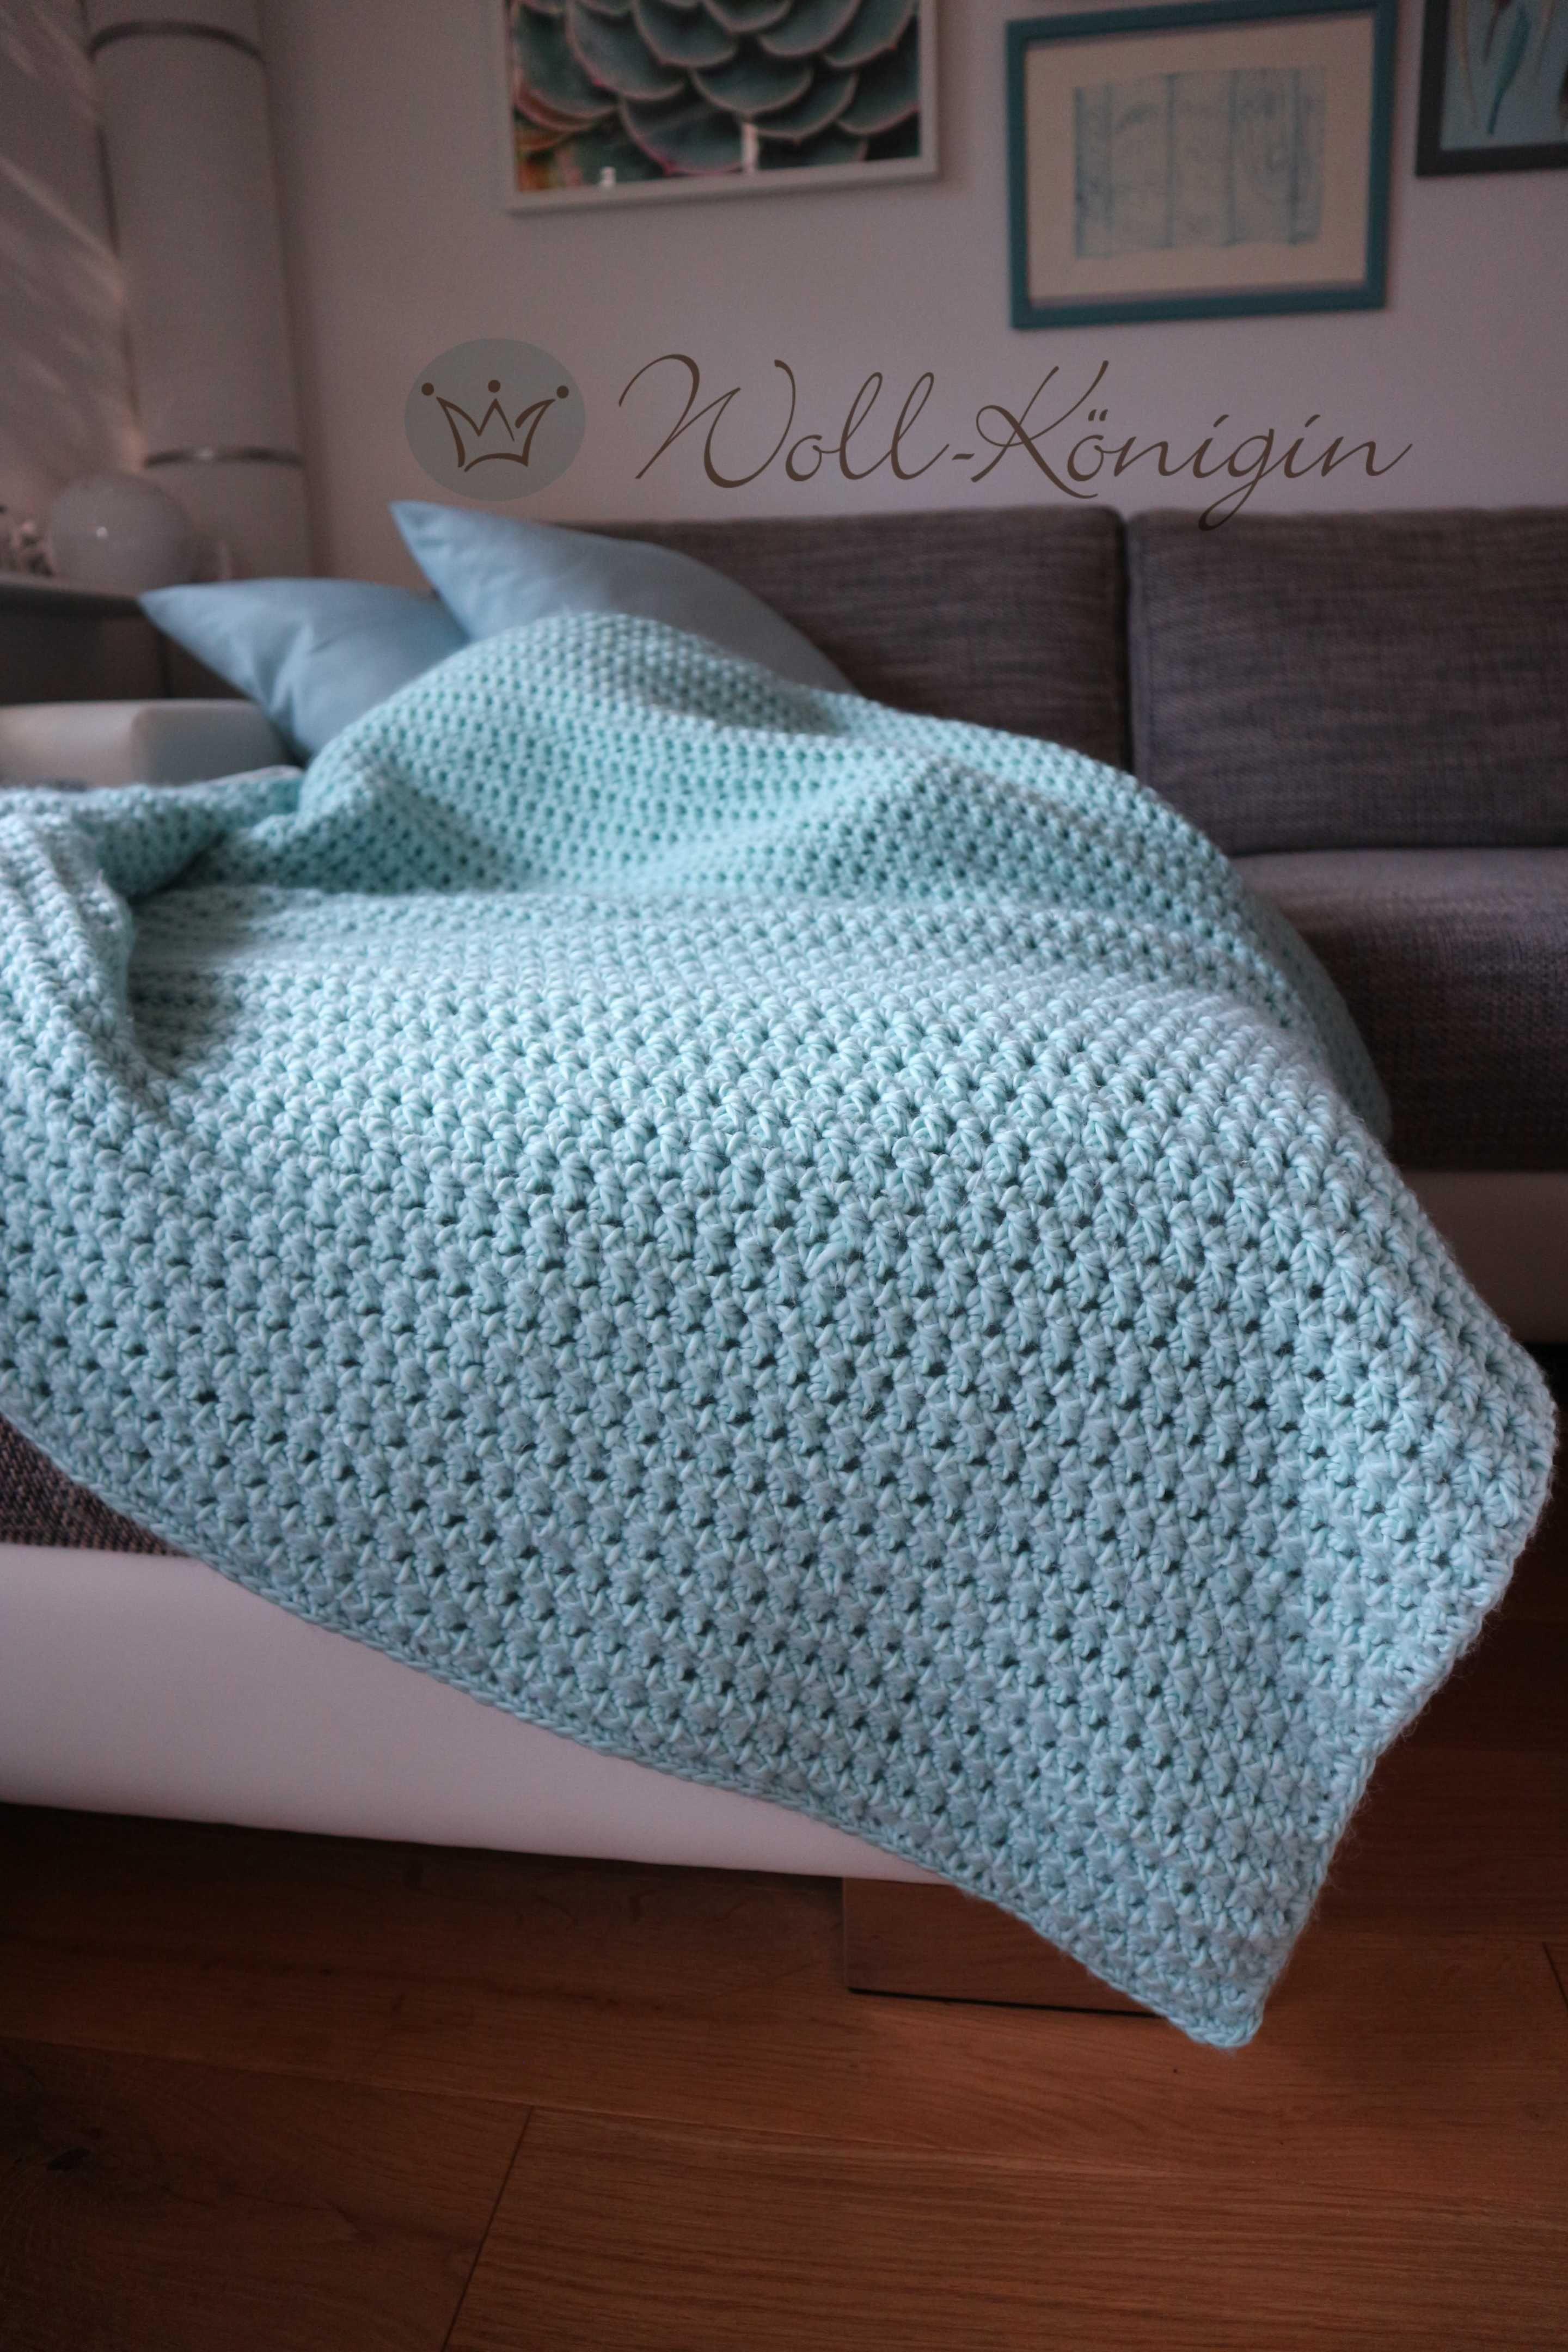 Decke gehäkelt Wolle von We are Knitters | Woll-Königin | Pinterest ...